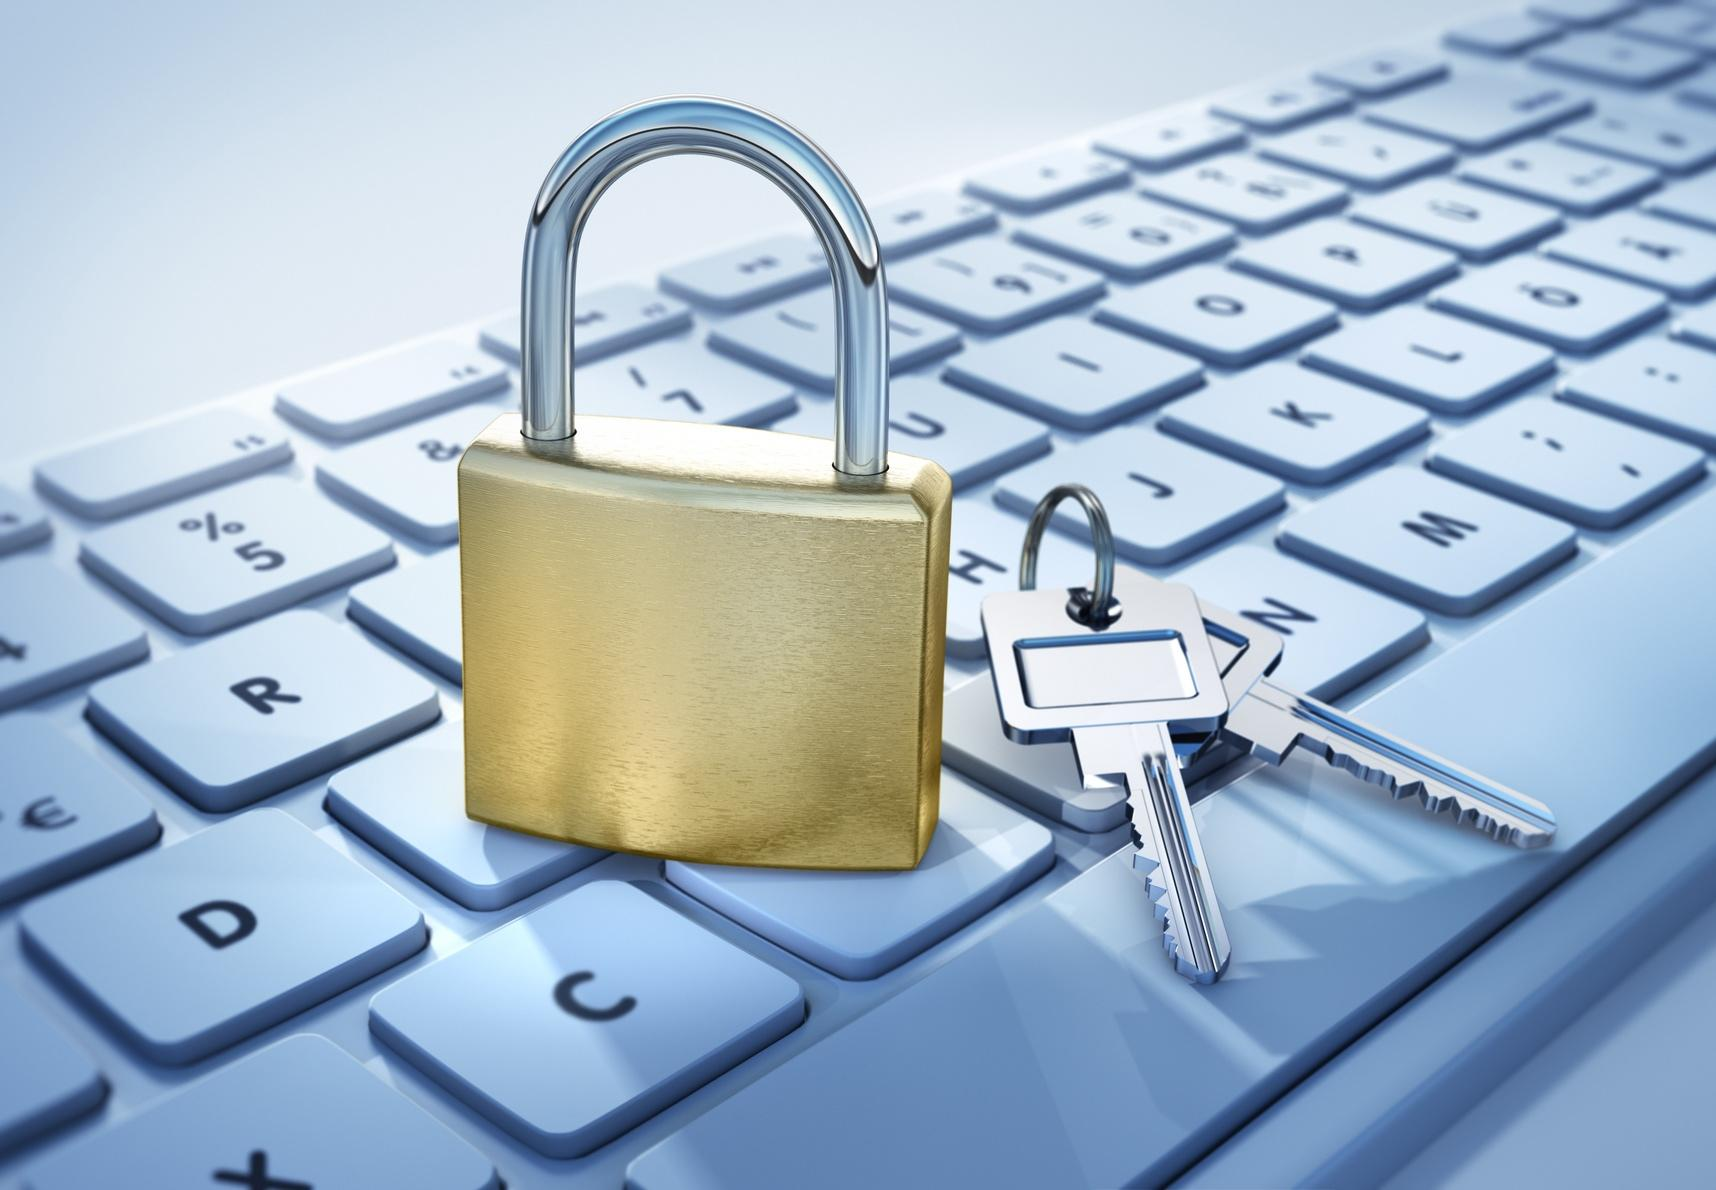 База данных участников интернет-голосования за Конституцию РФ оказалась в свободном доступе